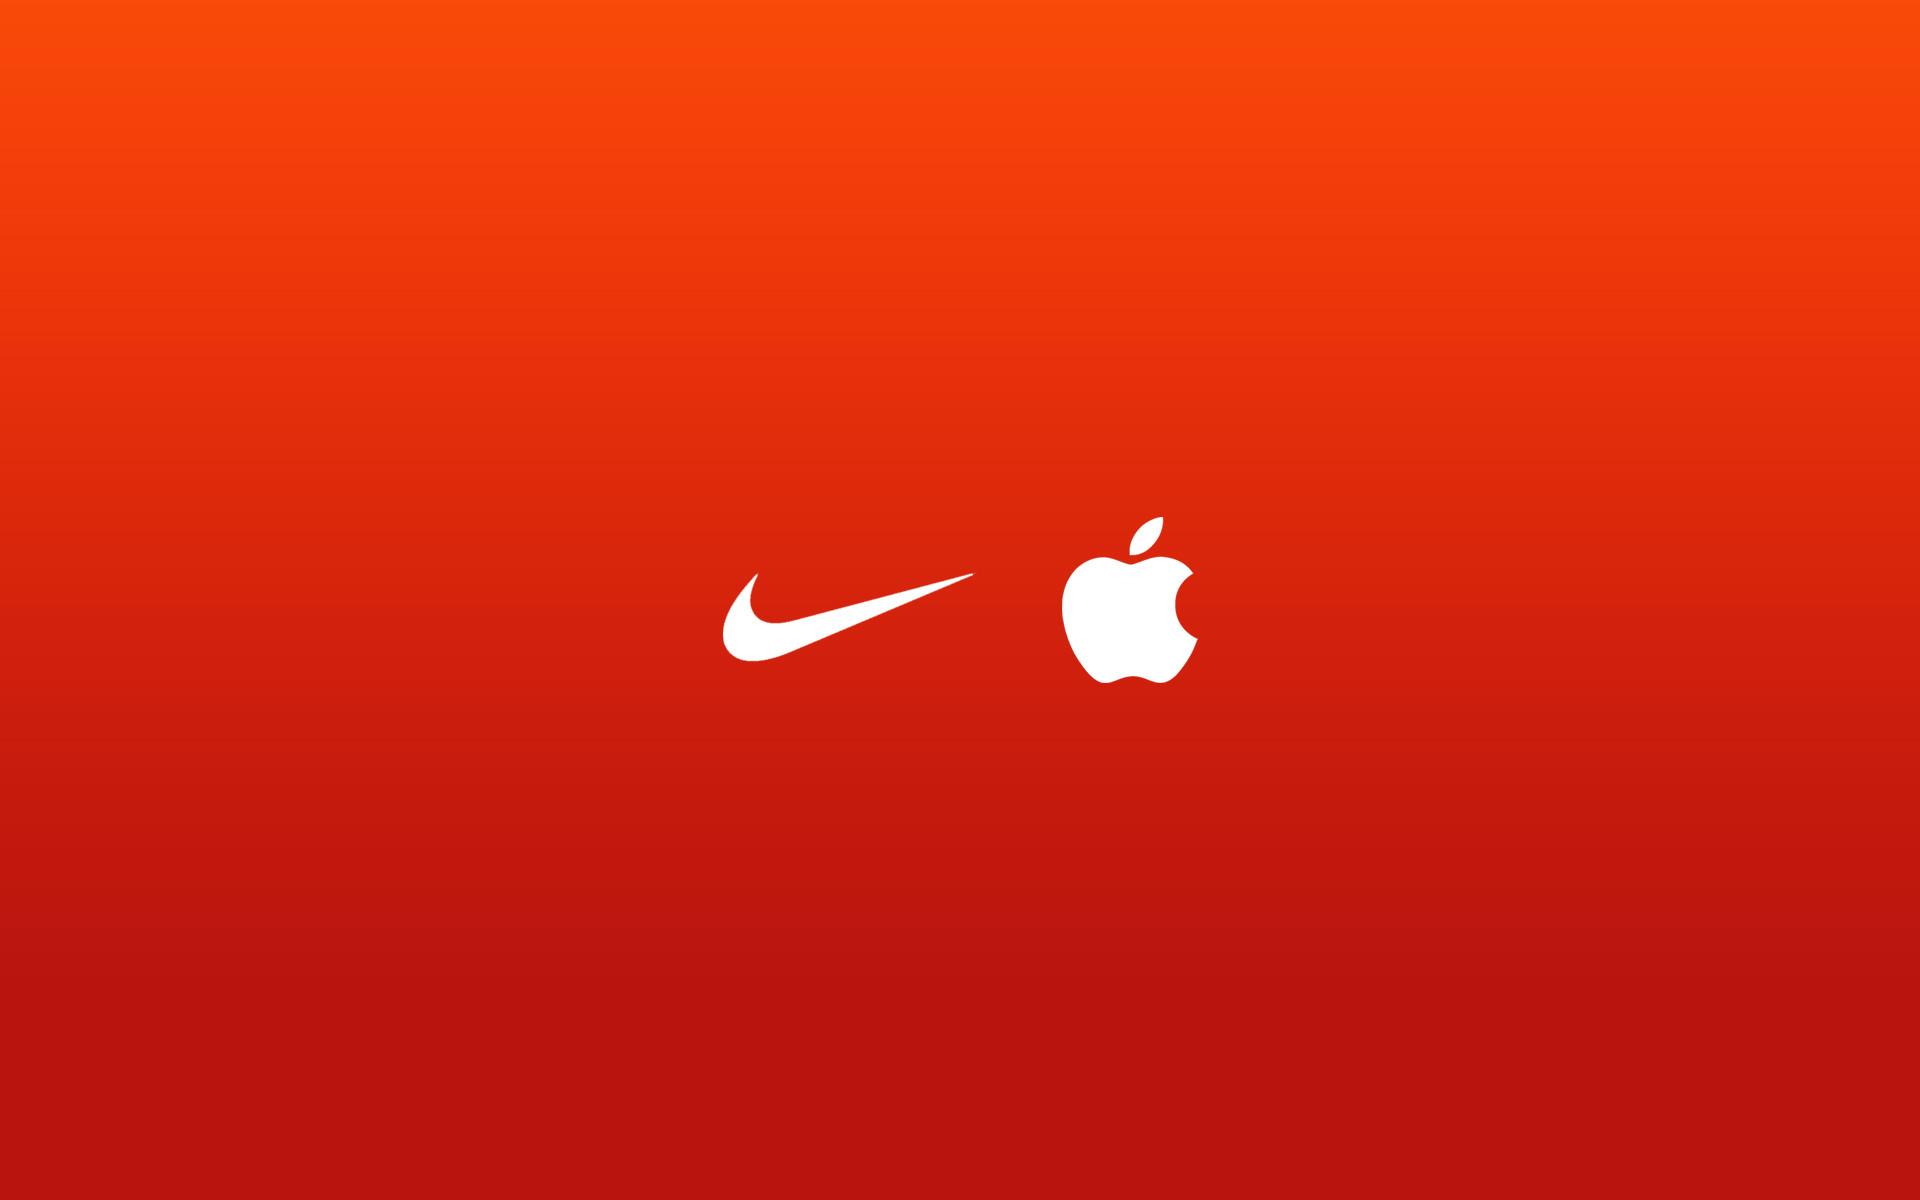 Nike, NED.89